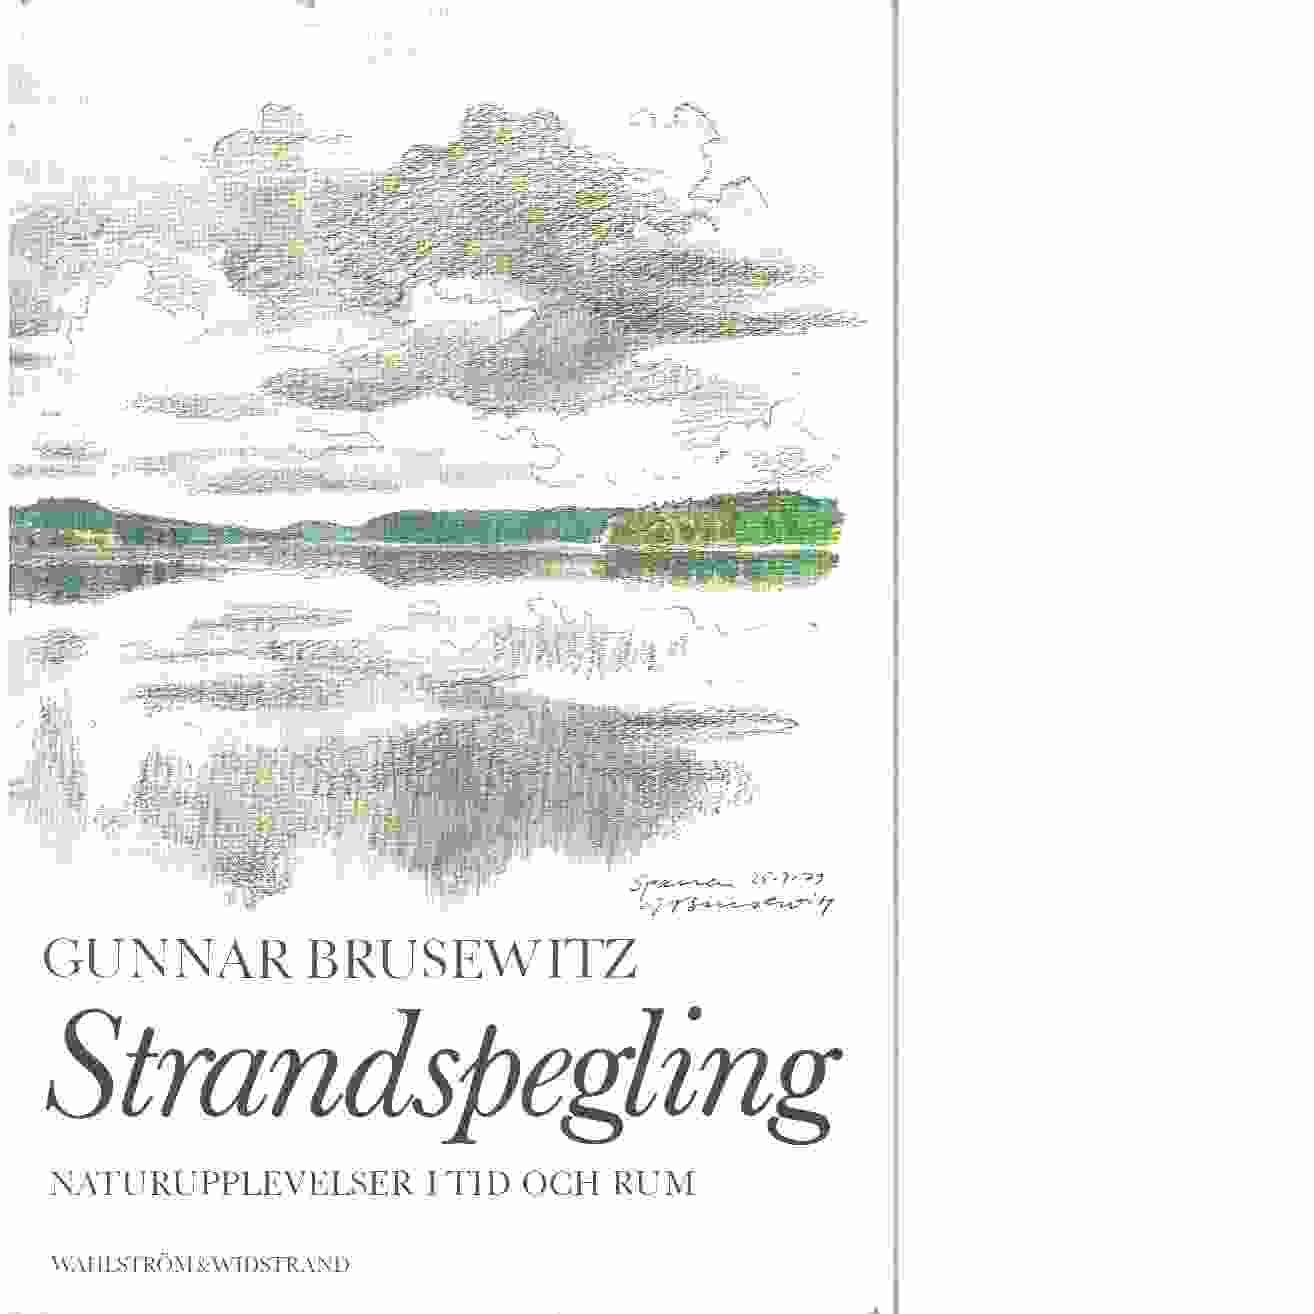 Strandspegling : naturupplevelser i tid och rum - Brusewitz, Gunnar